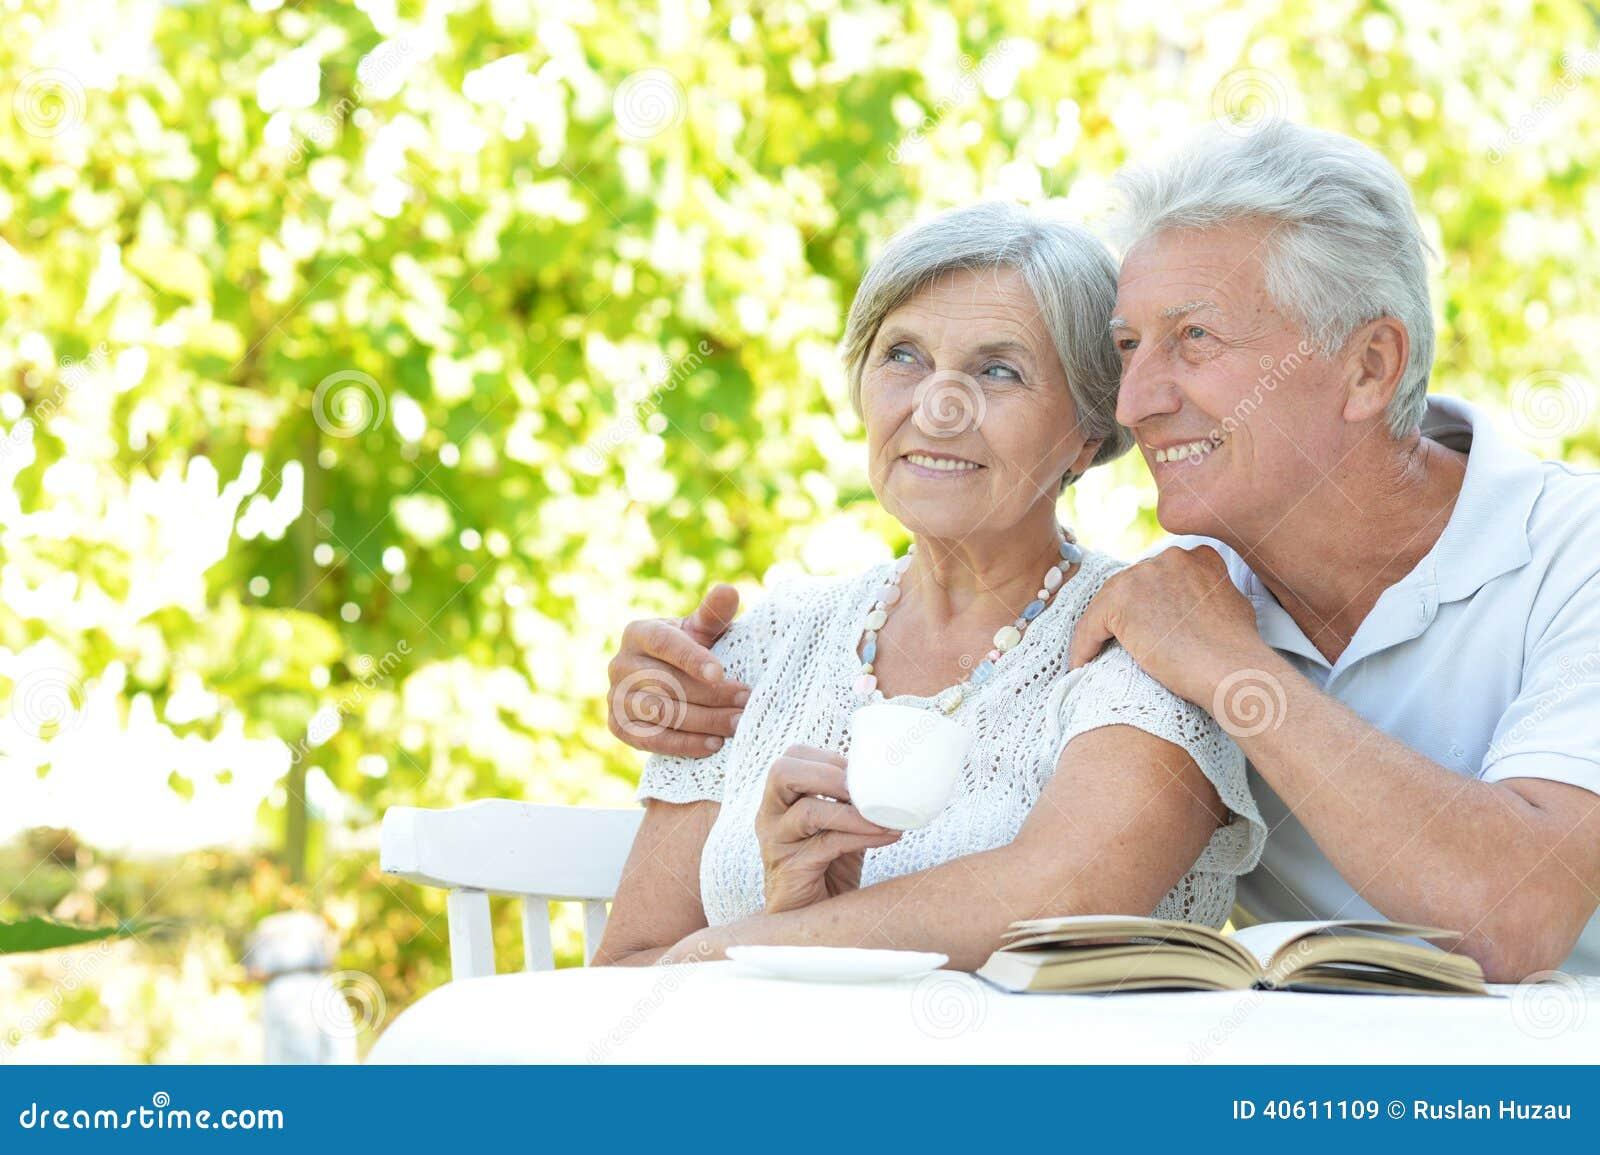 Happy Old Couple Stock Photo